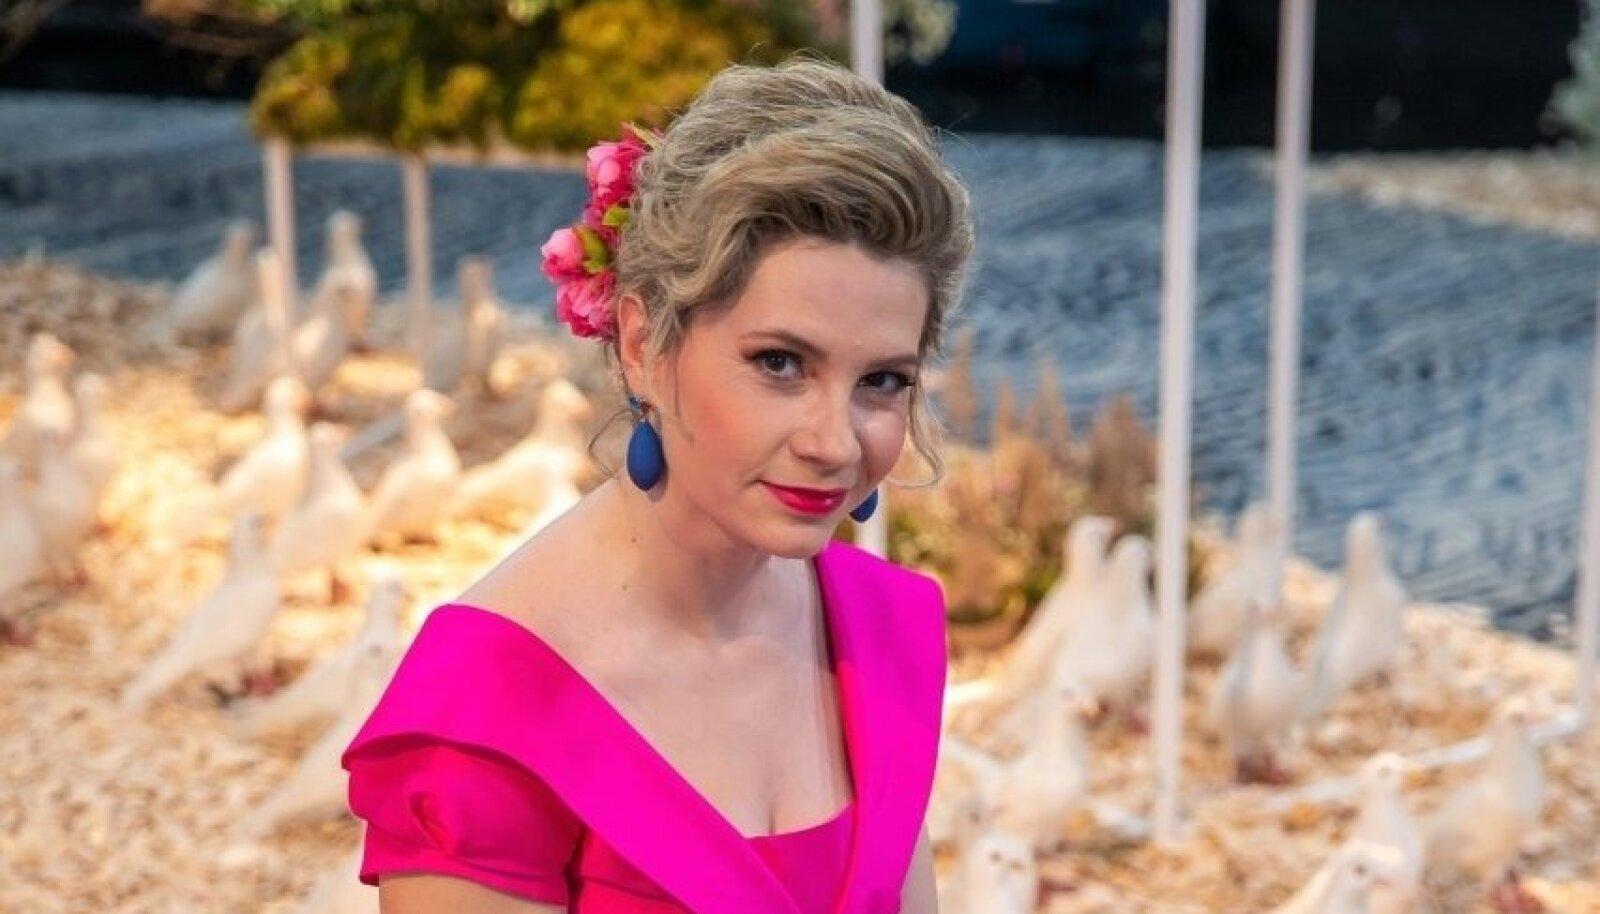 Anna-Maria Veidemann-Makko on Naine suure tähega, kes tunneb ennast ilusa, väärtusliku ning tervikuna.